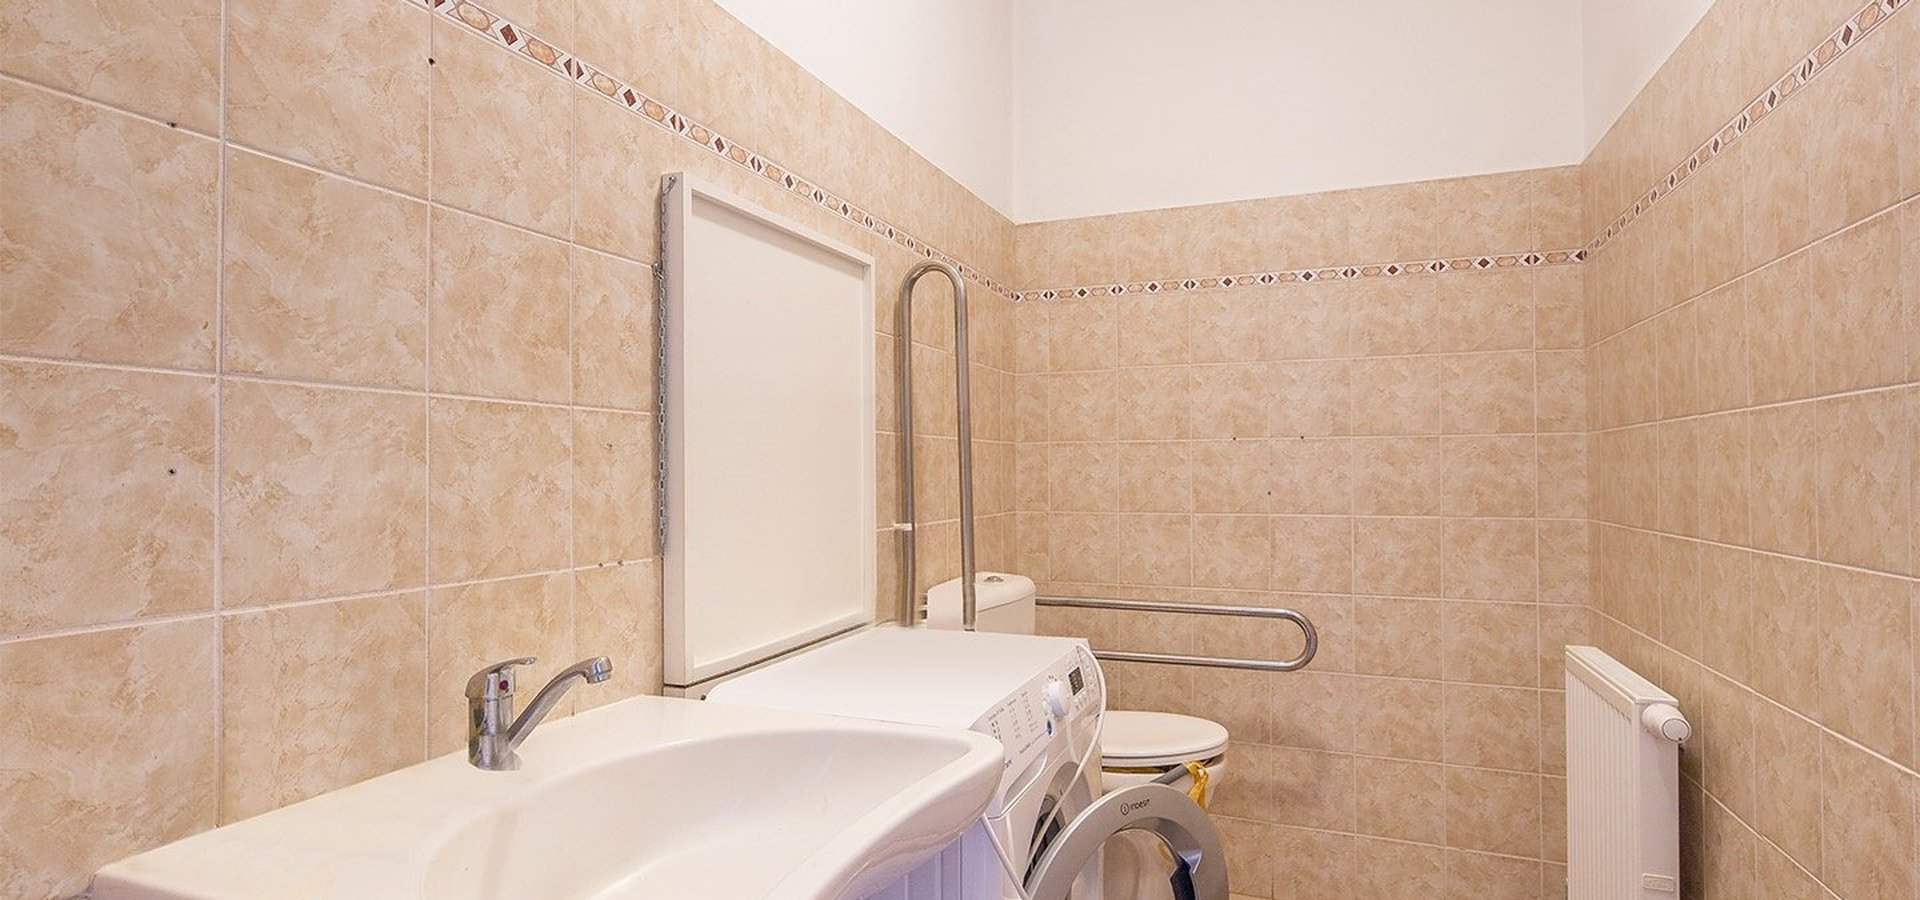 prodej-rodinneho-domu-na-bydleni-i-investici-477m2-telc-21merge-0c755a